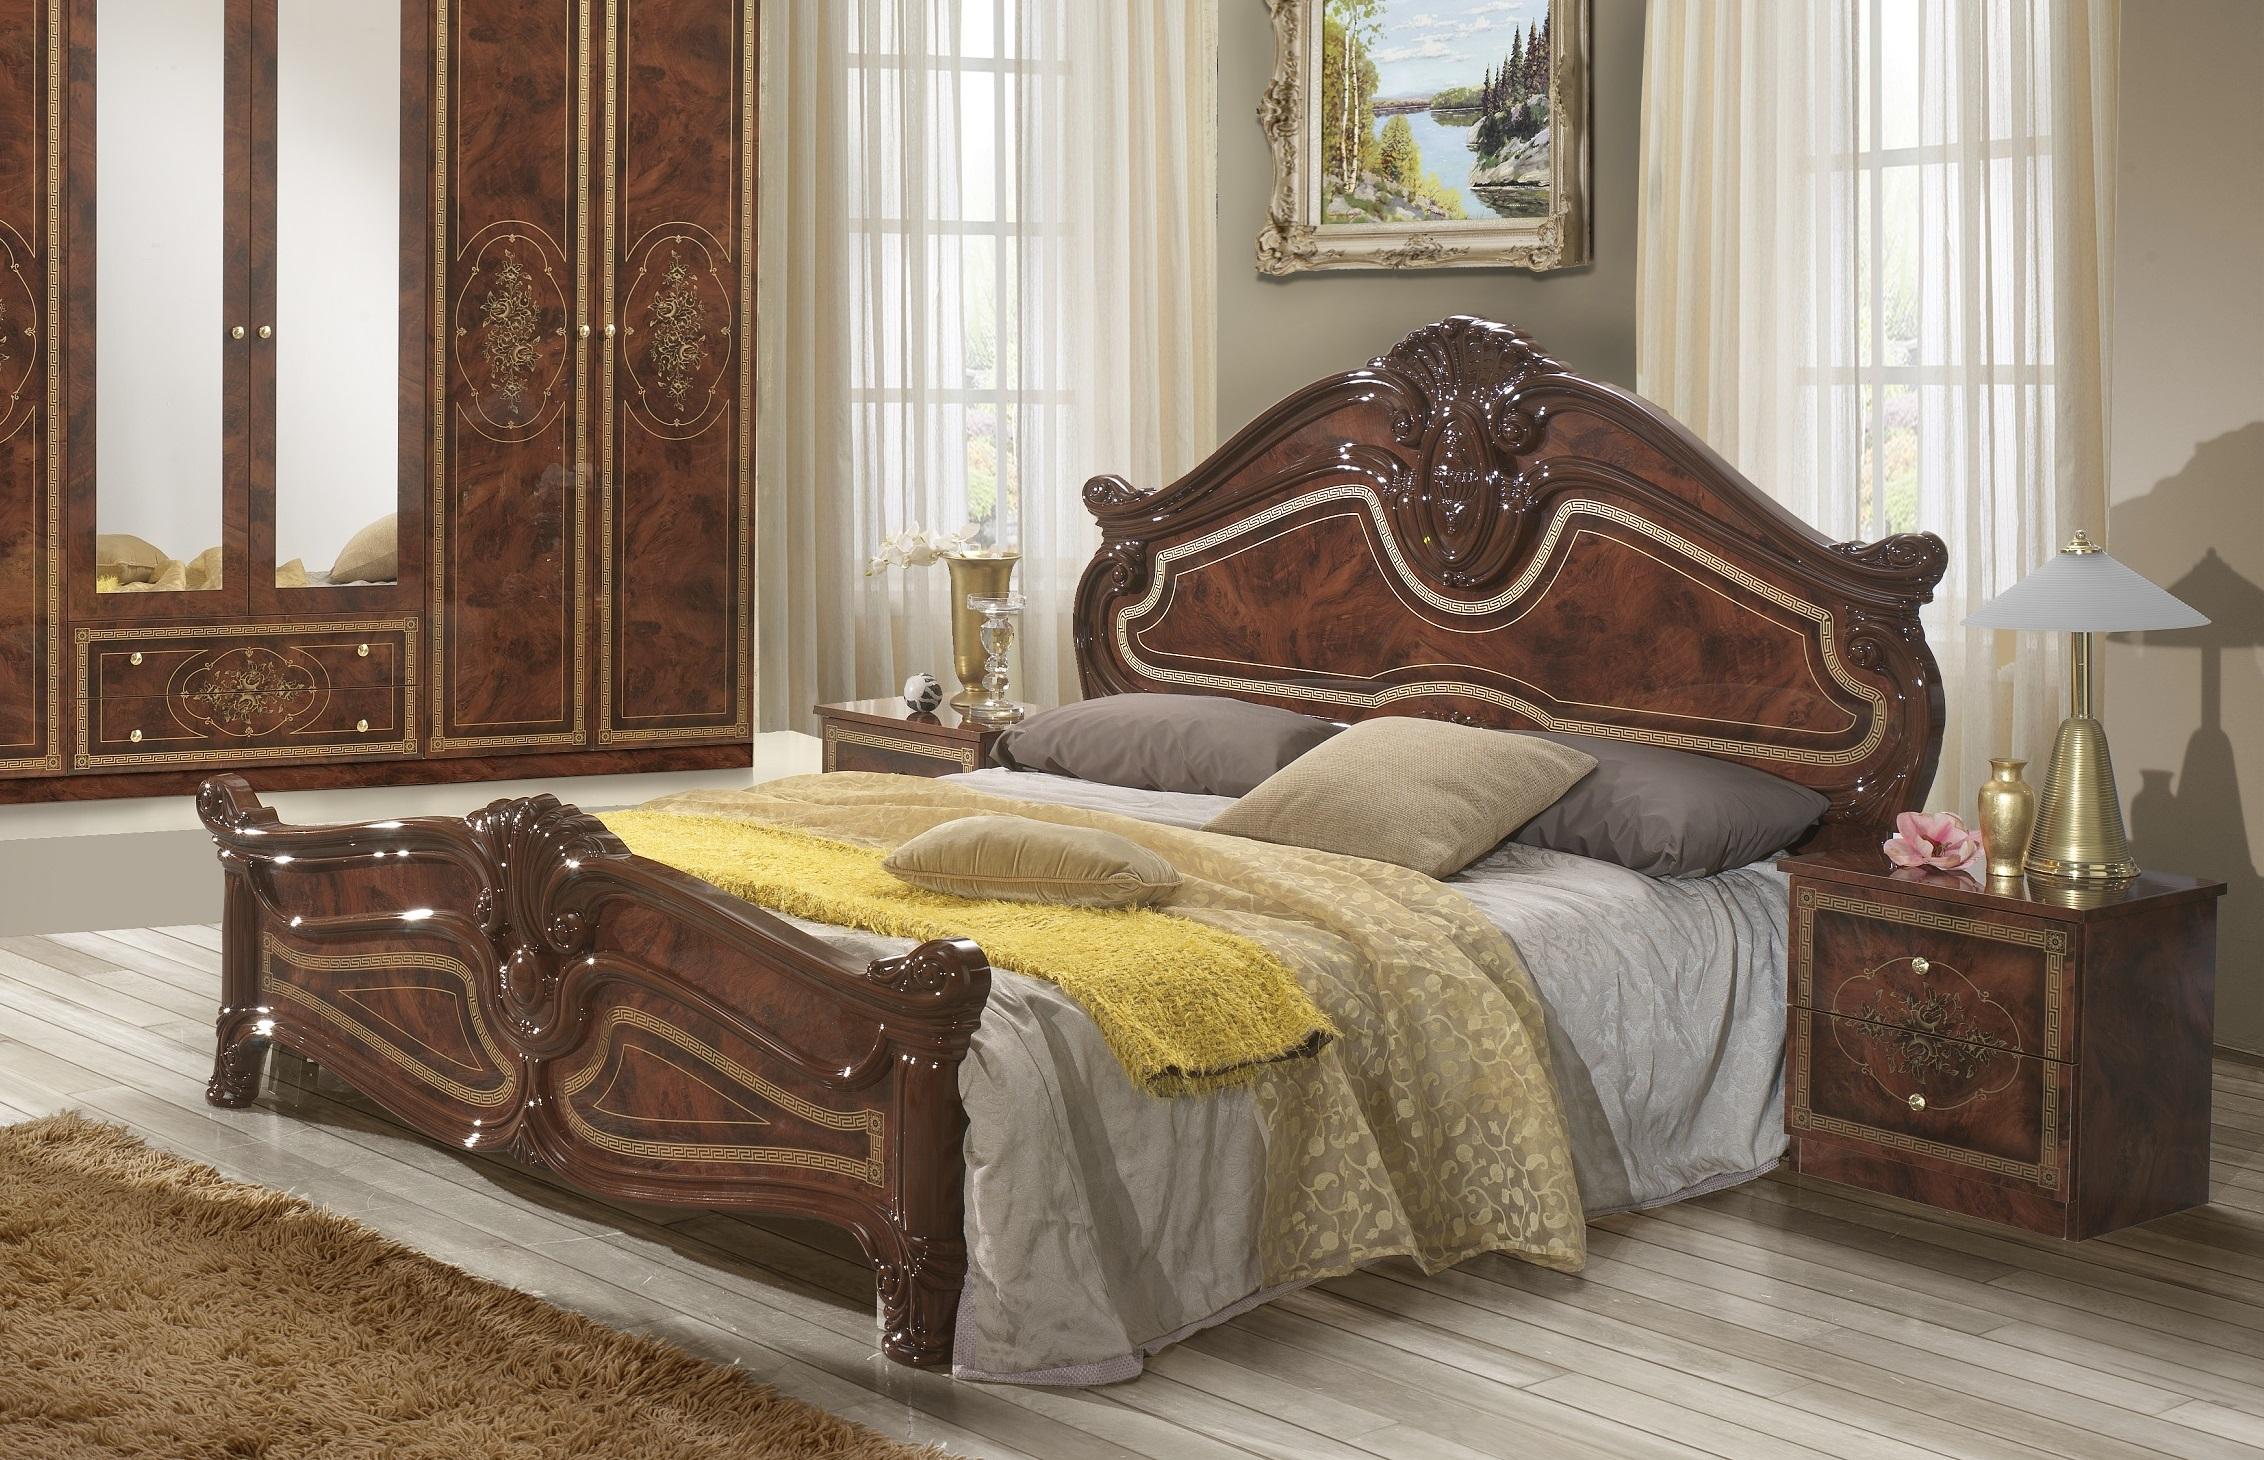 Schlafzimmer italienisch modern schlafzimmer set t rkisch ideen bett lattenroste frankenstolz 7 - Mobel italienischer stil ...